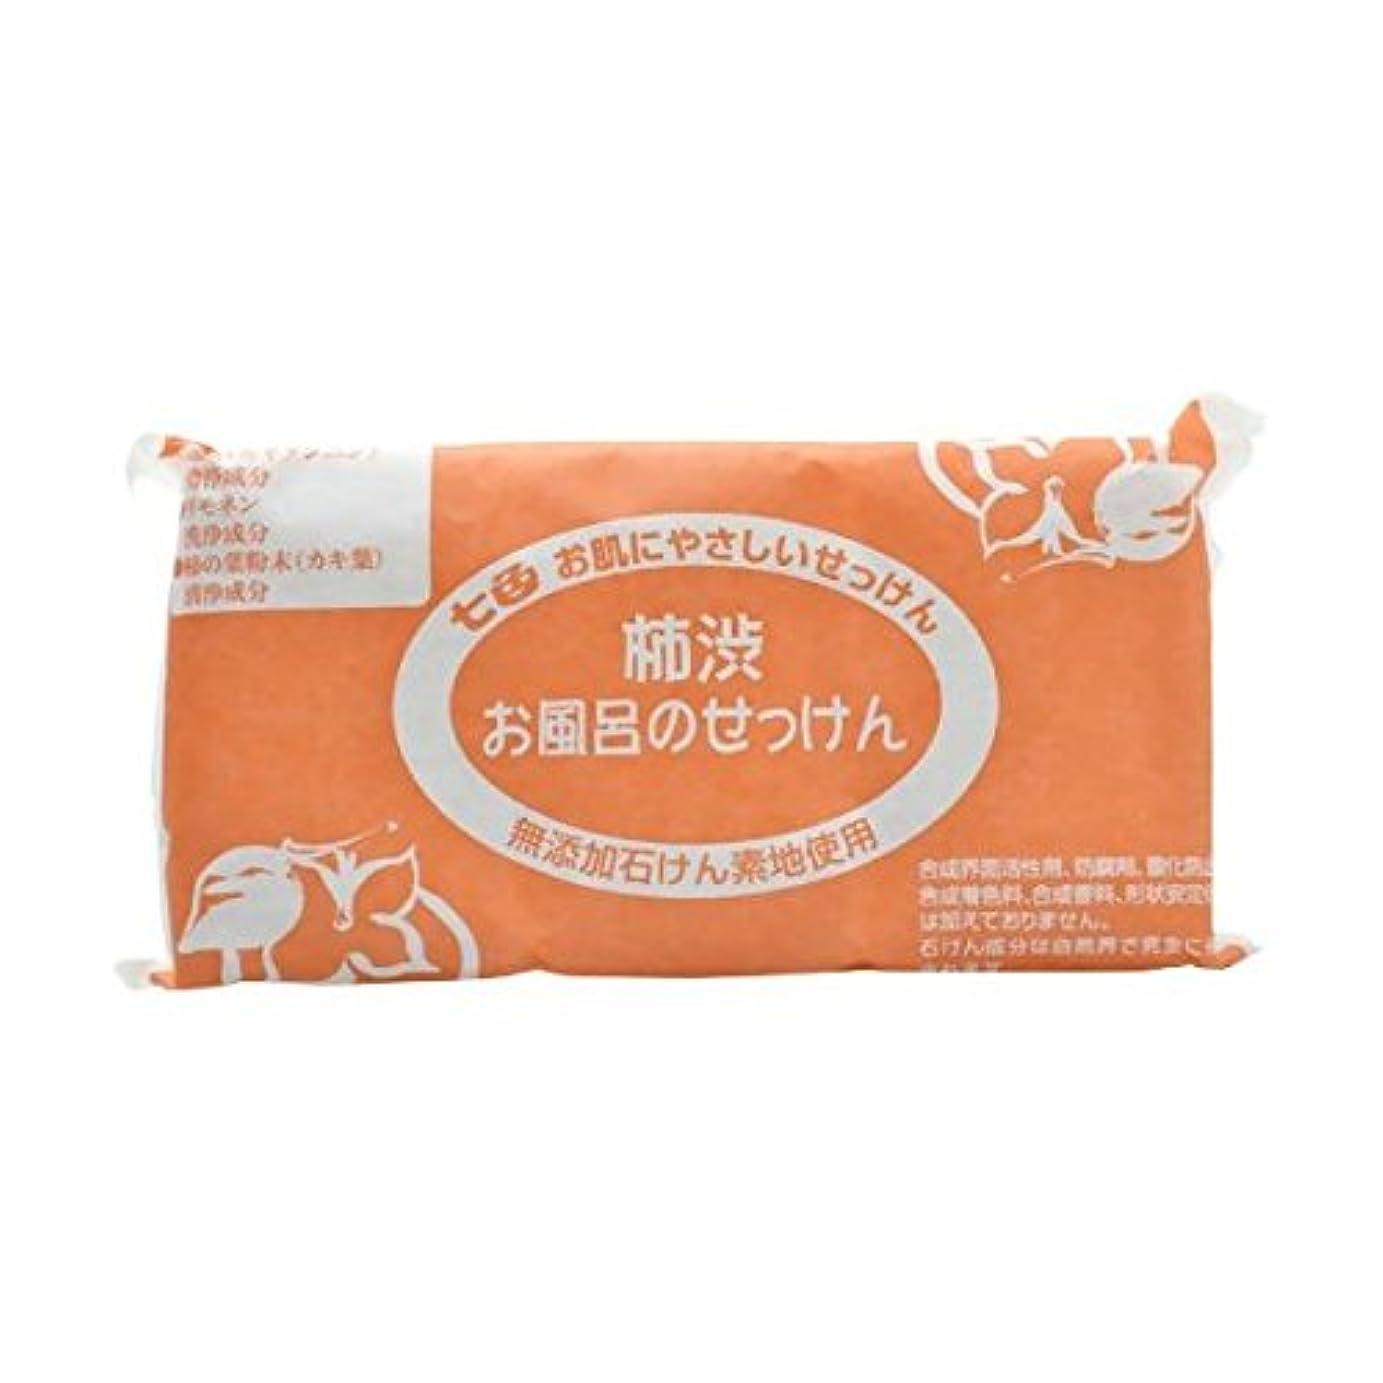 リンク浴風景(まとめ買い)七色 お風呂のせっけん 柿渋(無添加石鹸) 100g×3個入×9セット